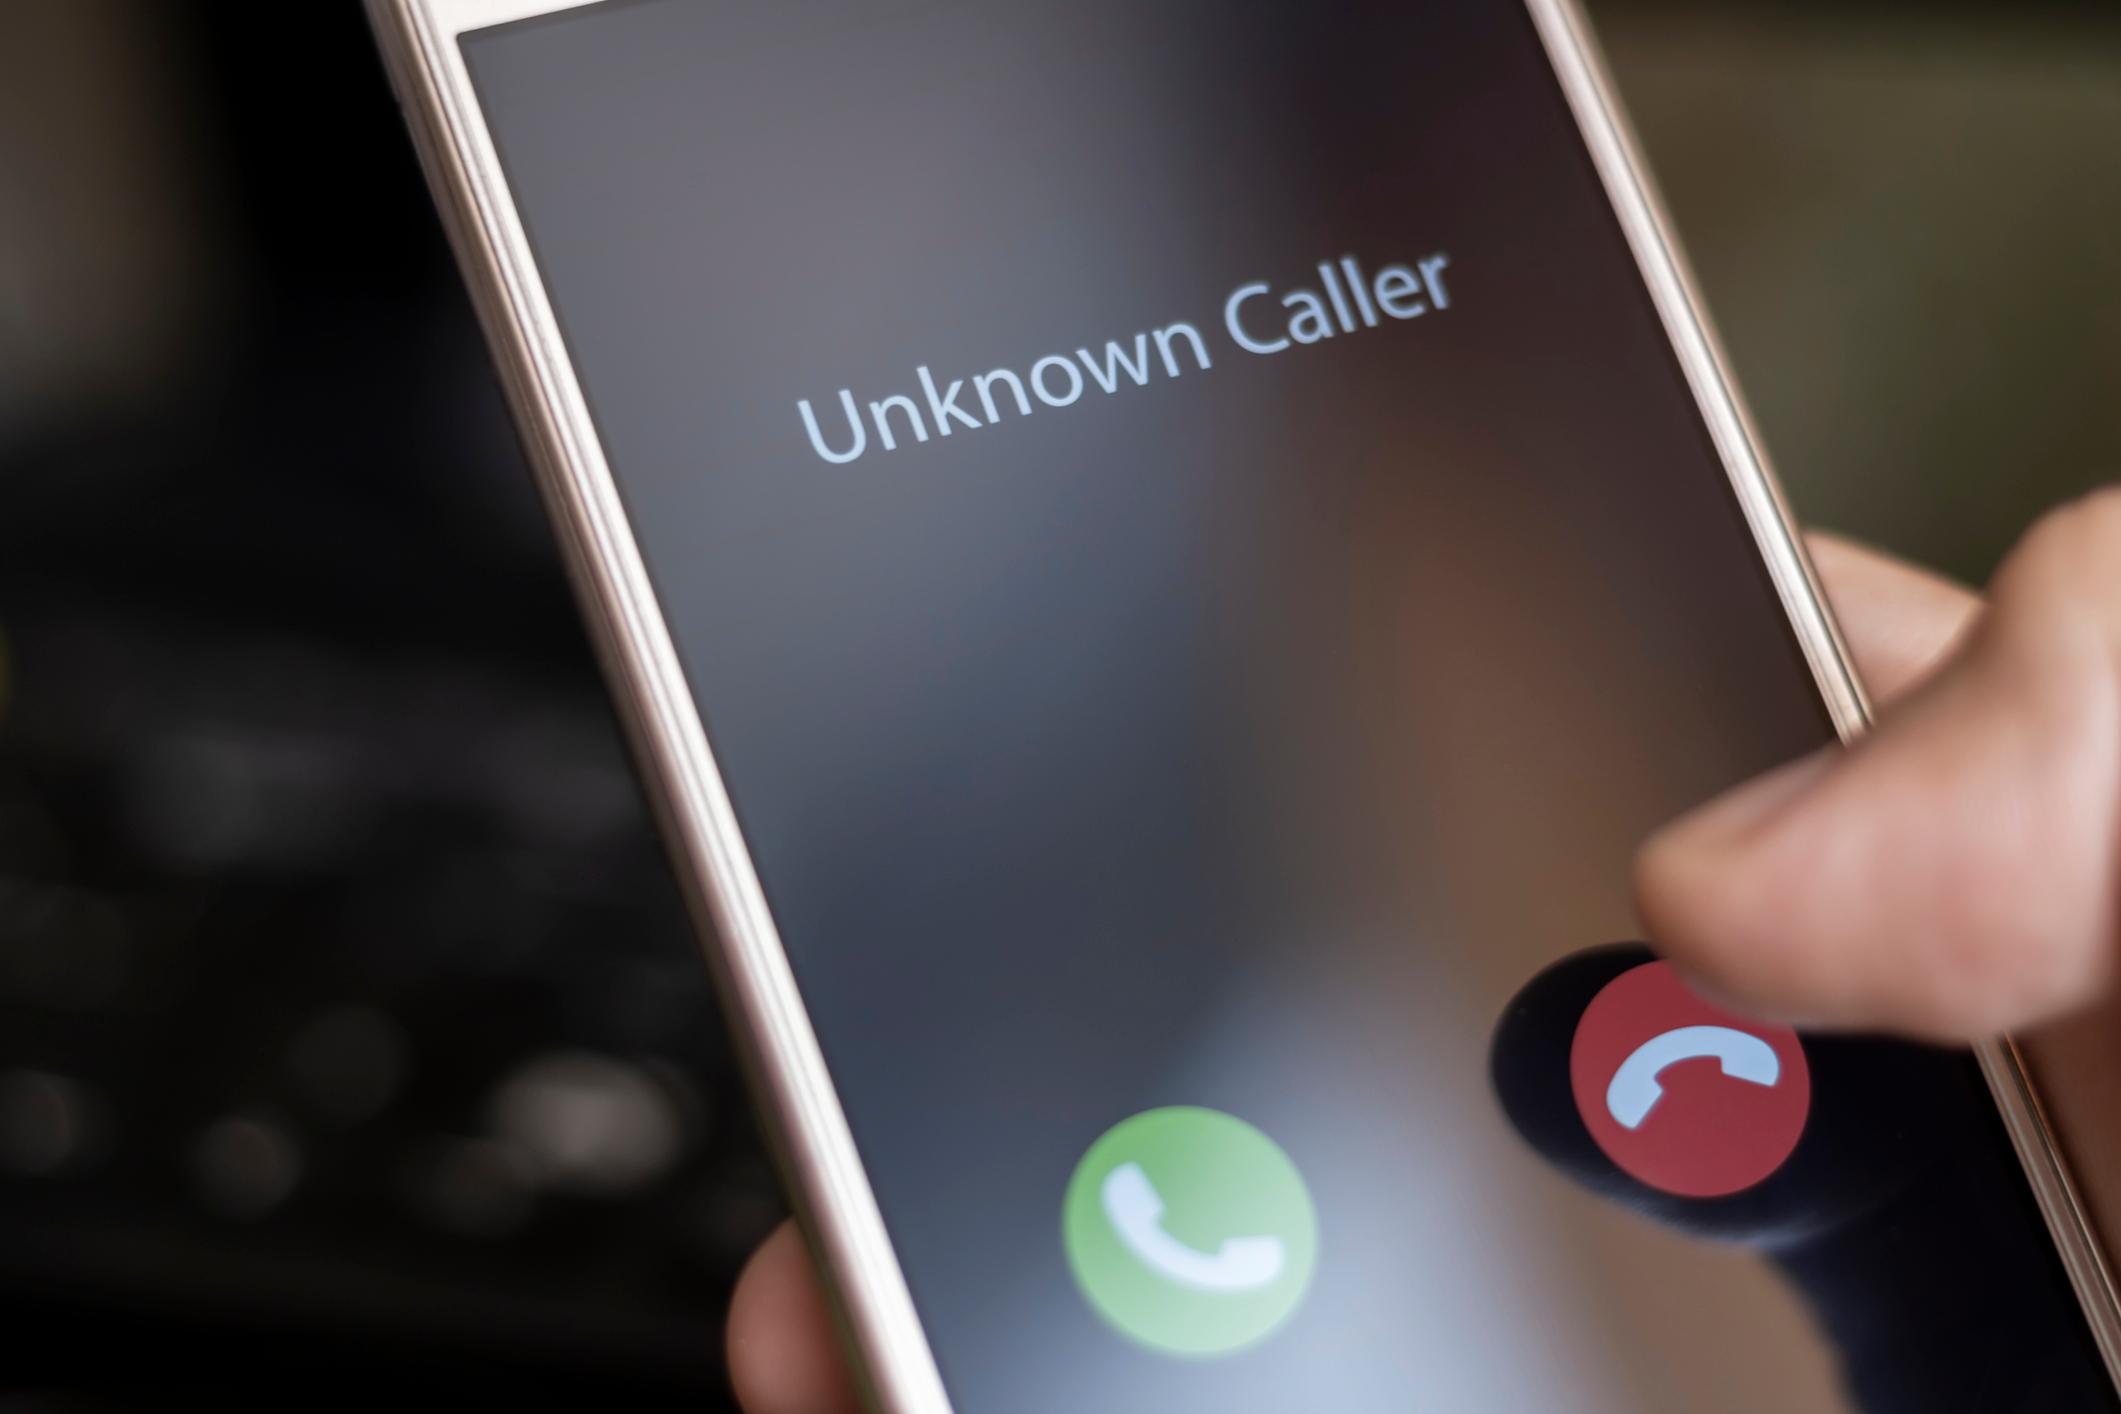 Ka një mënyrë të thjeshtë si të bllokoni telefonatat anonime